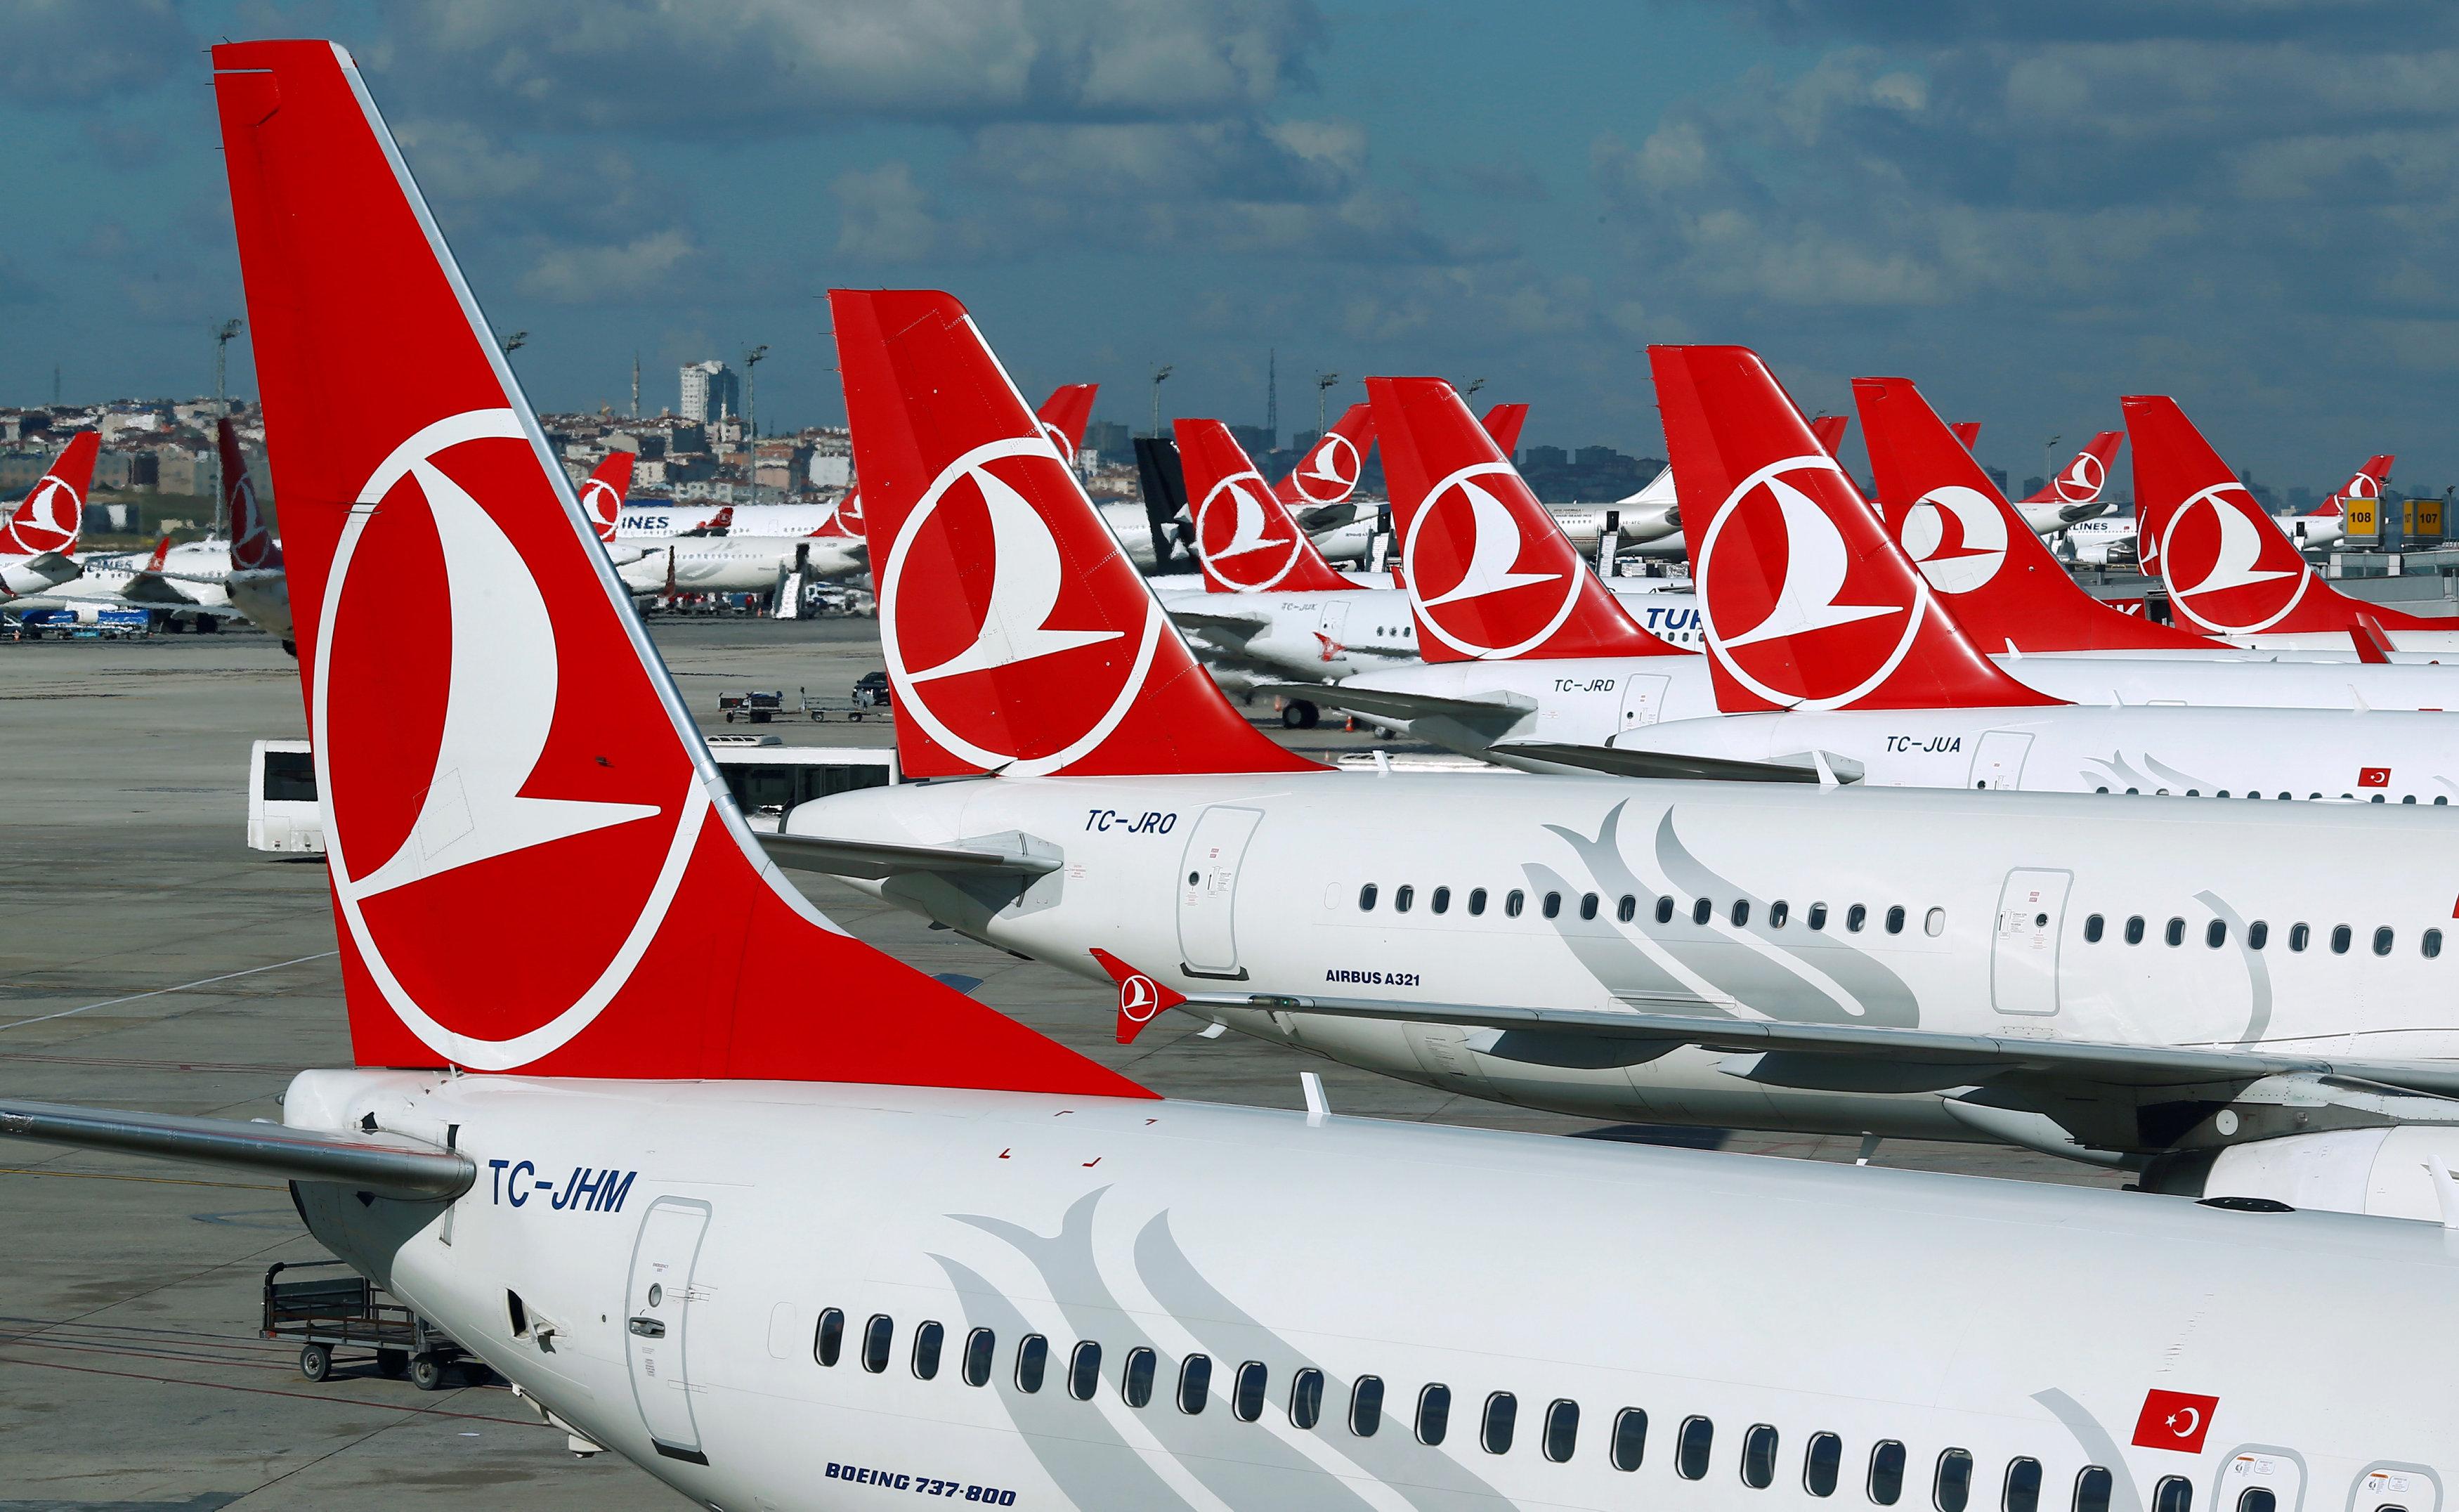 ВСтамбуле из-за угрозы взрыва эвакуировали пассажиров самолета